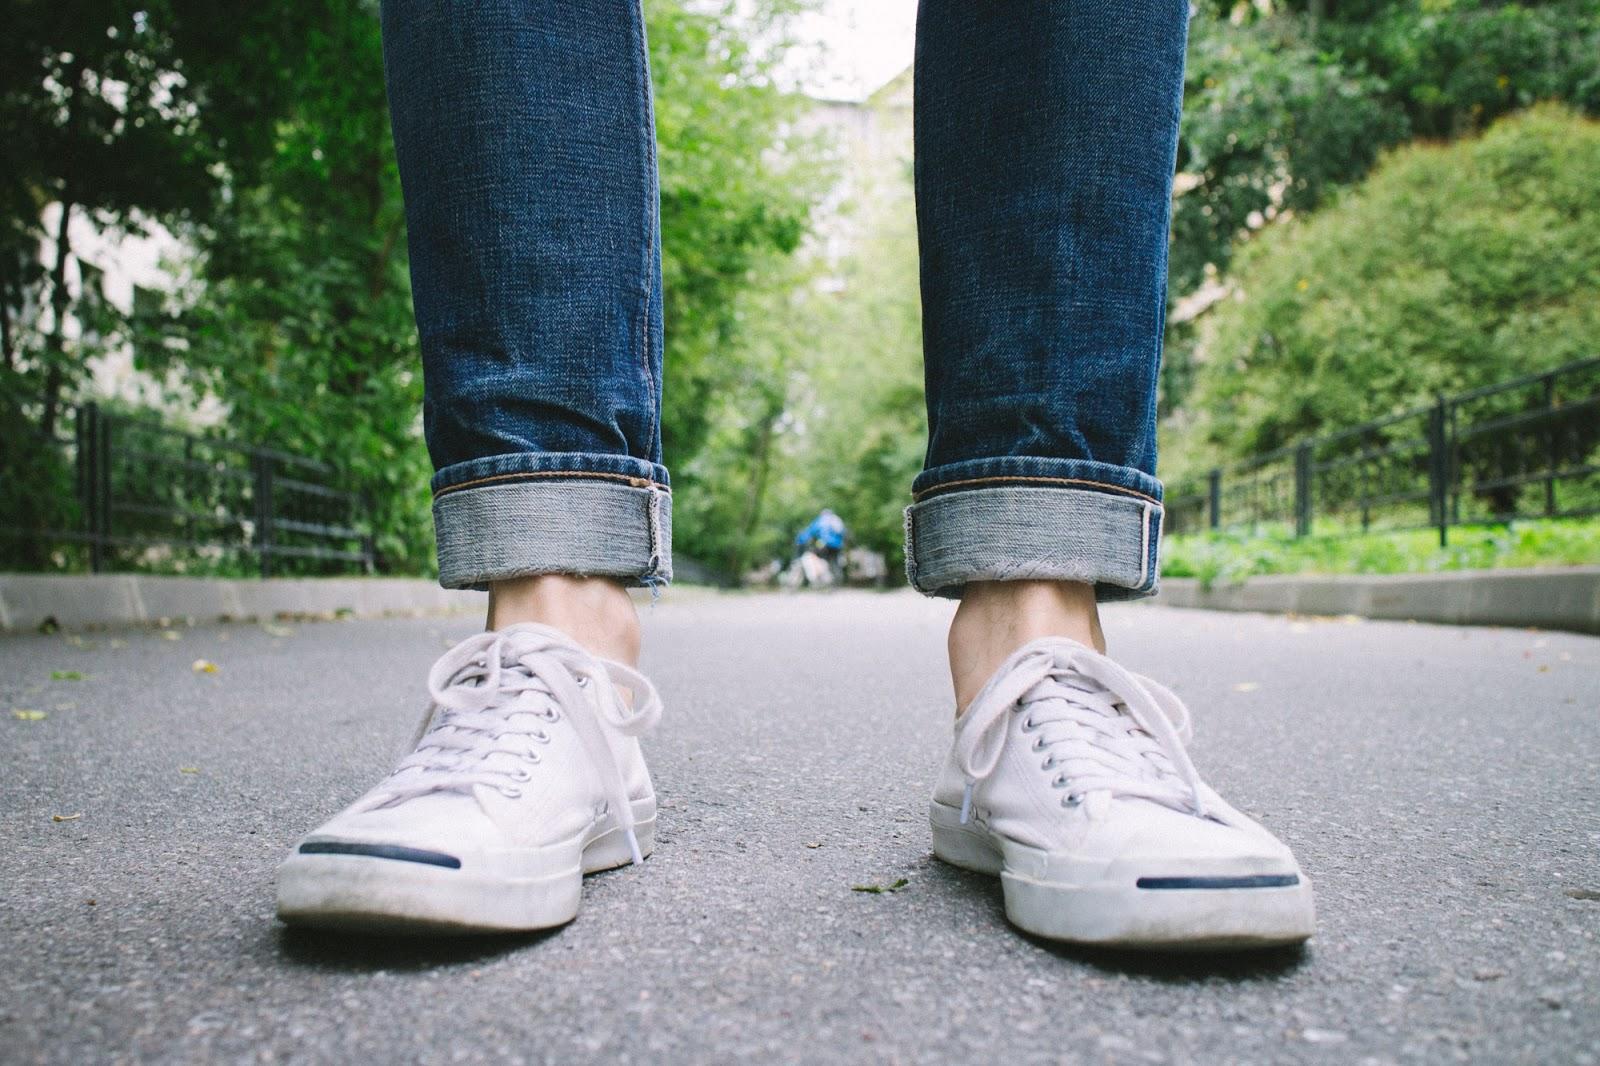 Небольшие производители джинсов часто разделяют размеры лишь по ширине